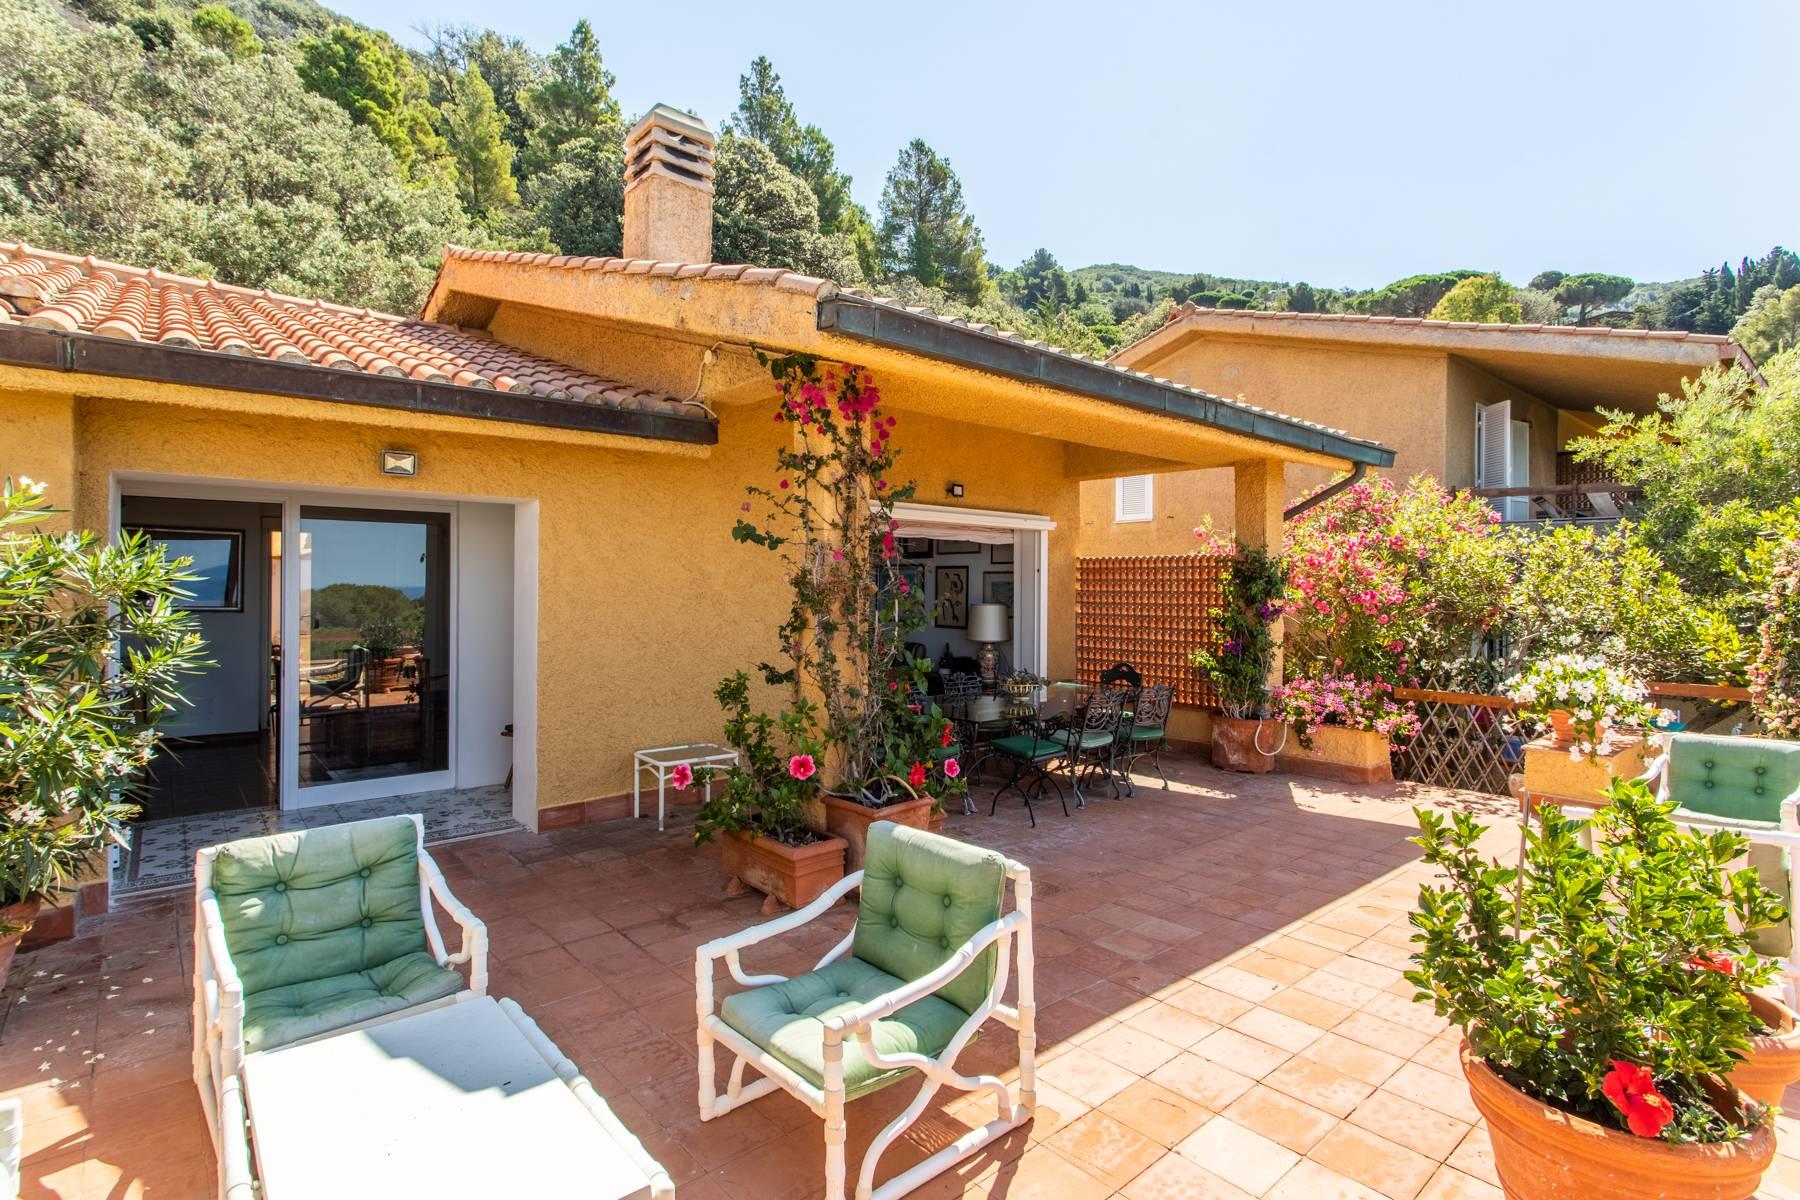 Casa indipendente in Vendita a Monte Argentario: 5 locali, 200 mq - Foto 9